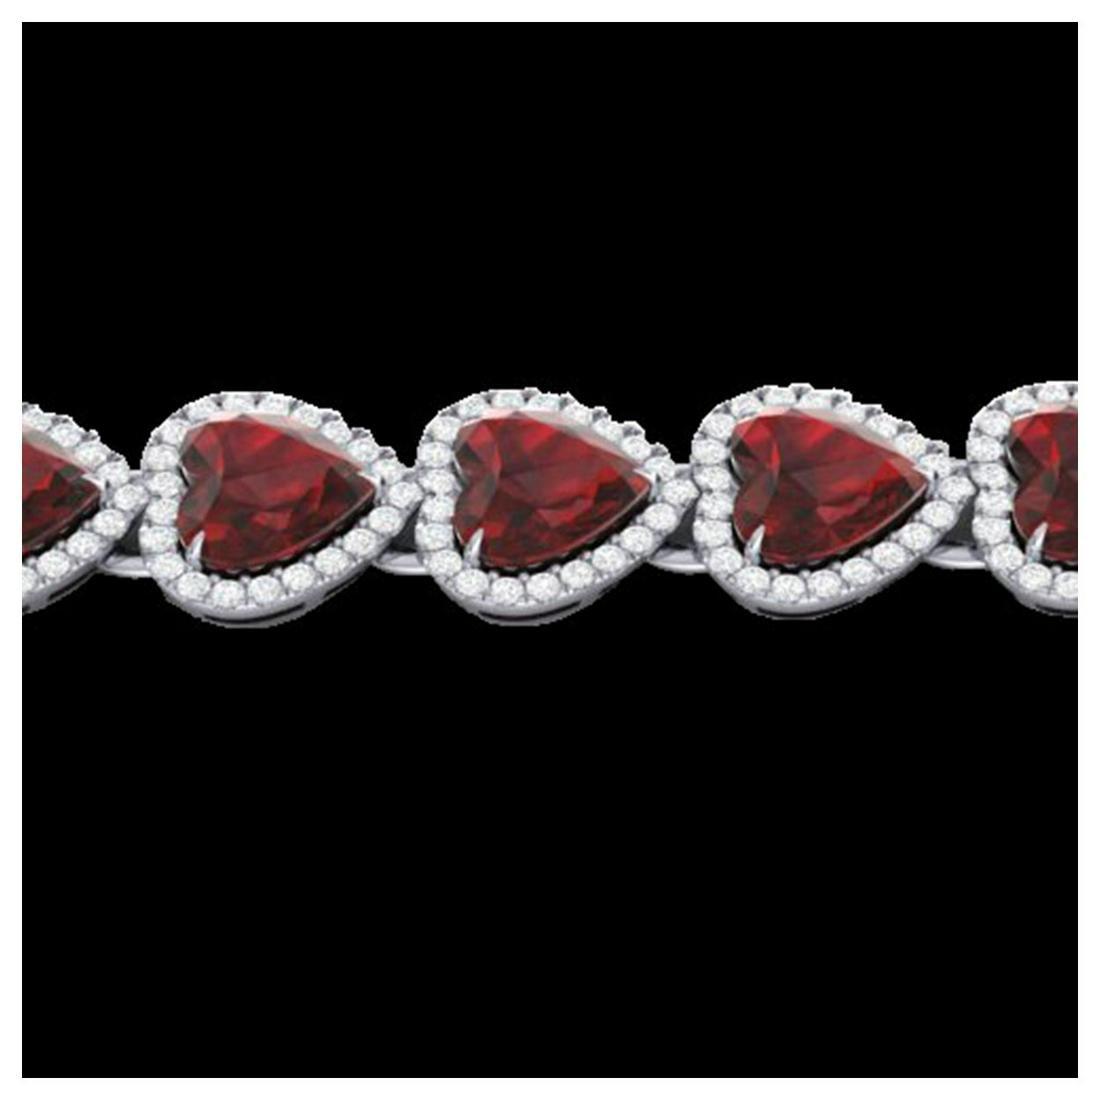 25 ctw Garnet & VS/SI Diamond Bracelet Heart 14K White